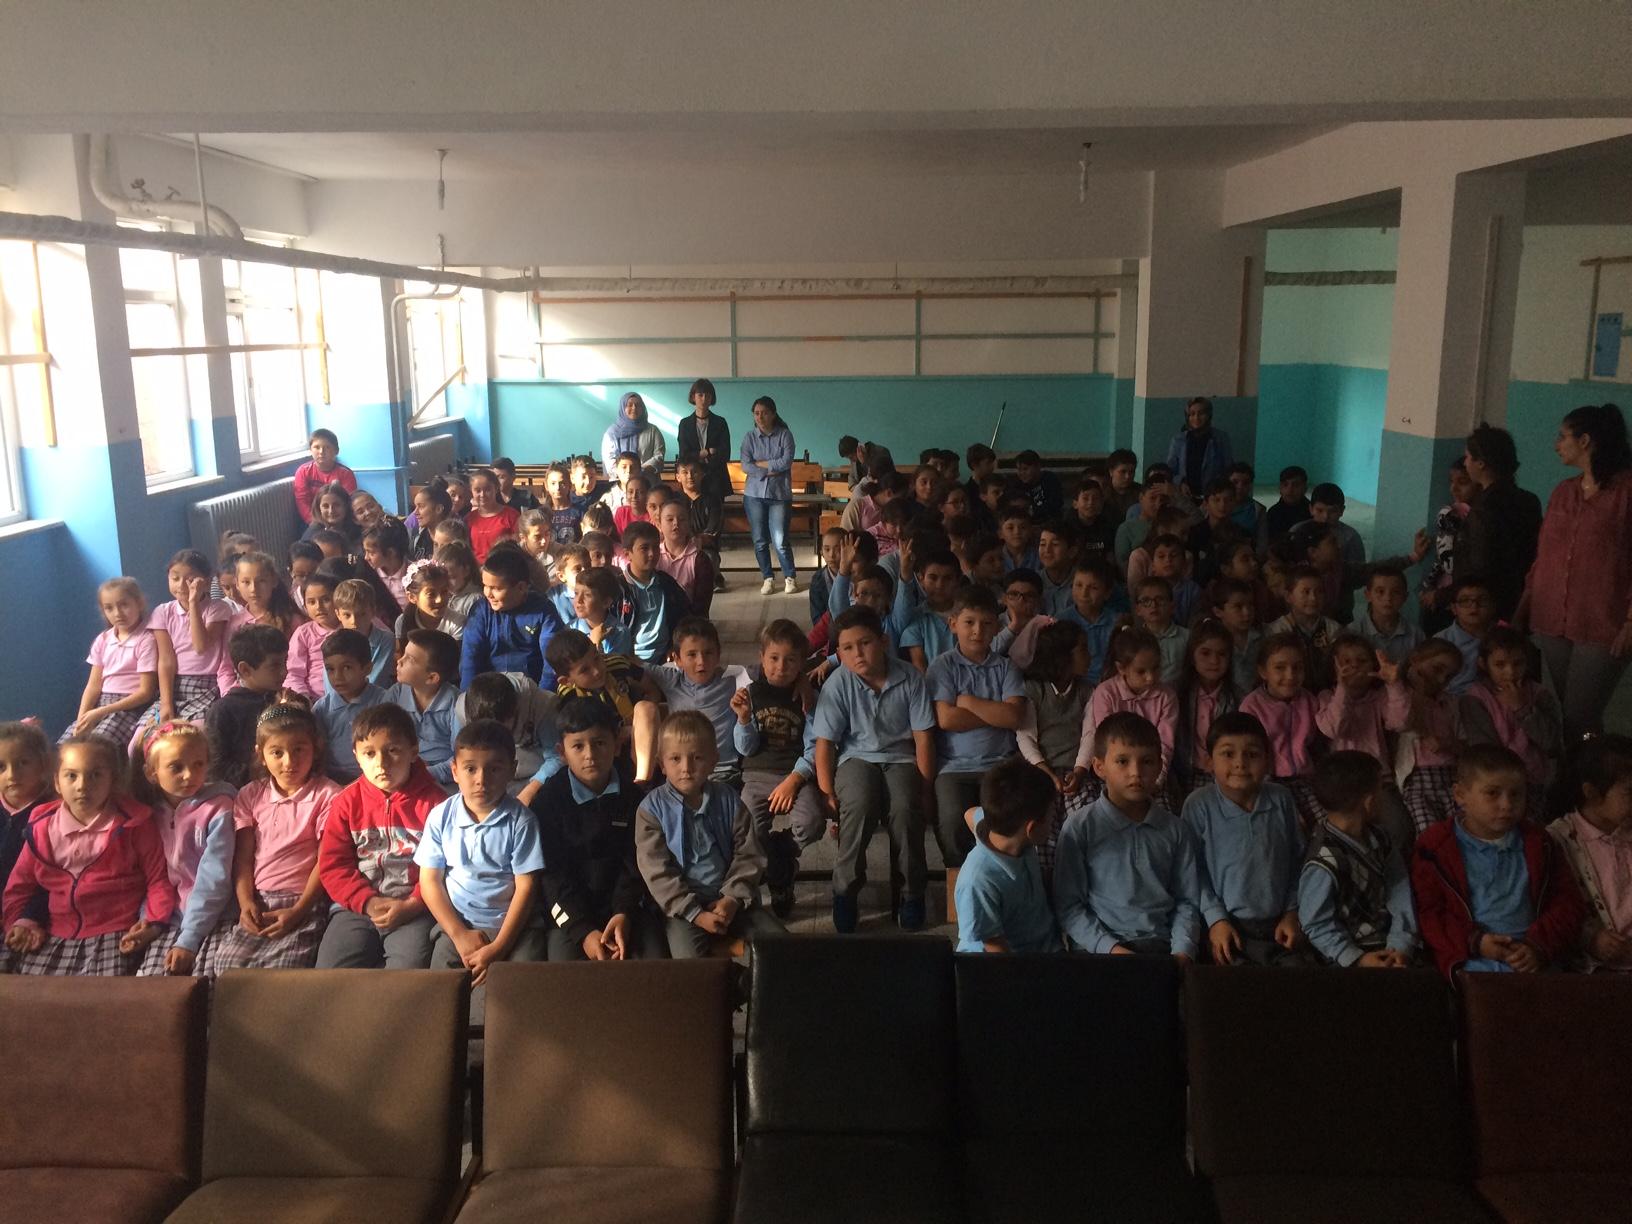 Kurucaşile Hisar Köyü İlkokulu ve Ortaokulu'nda Sıfır Atık Konulu Eğitim Verildi